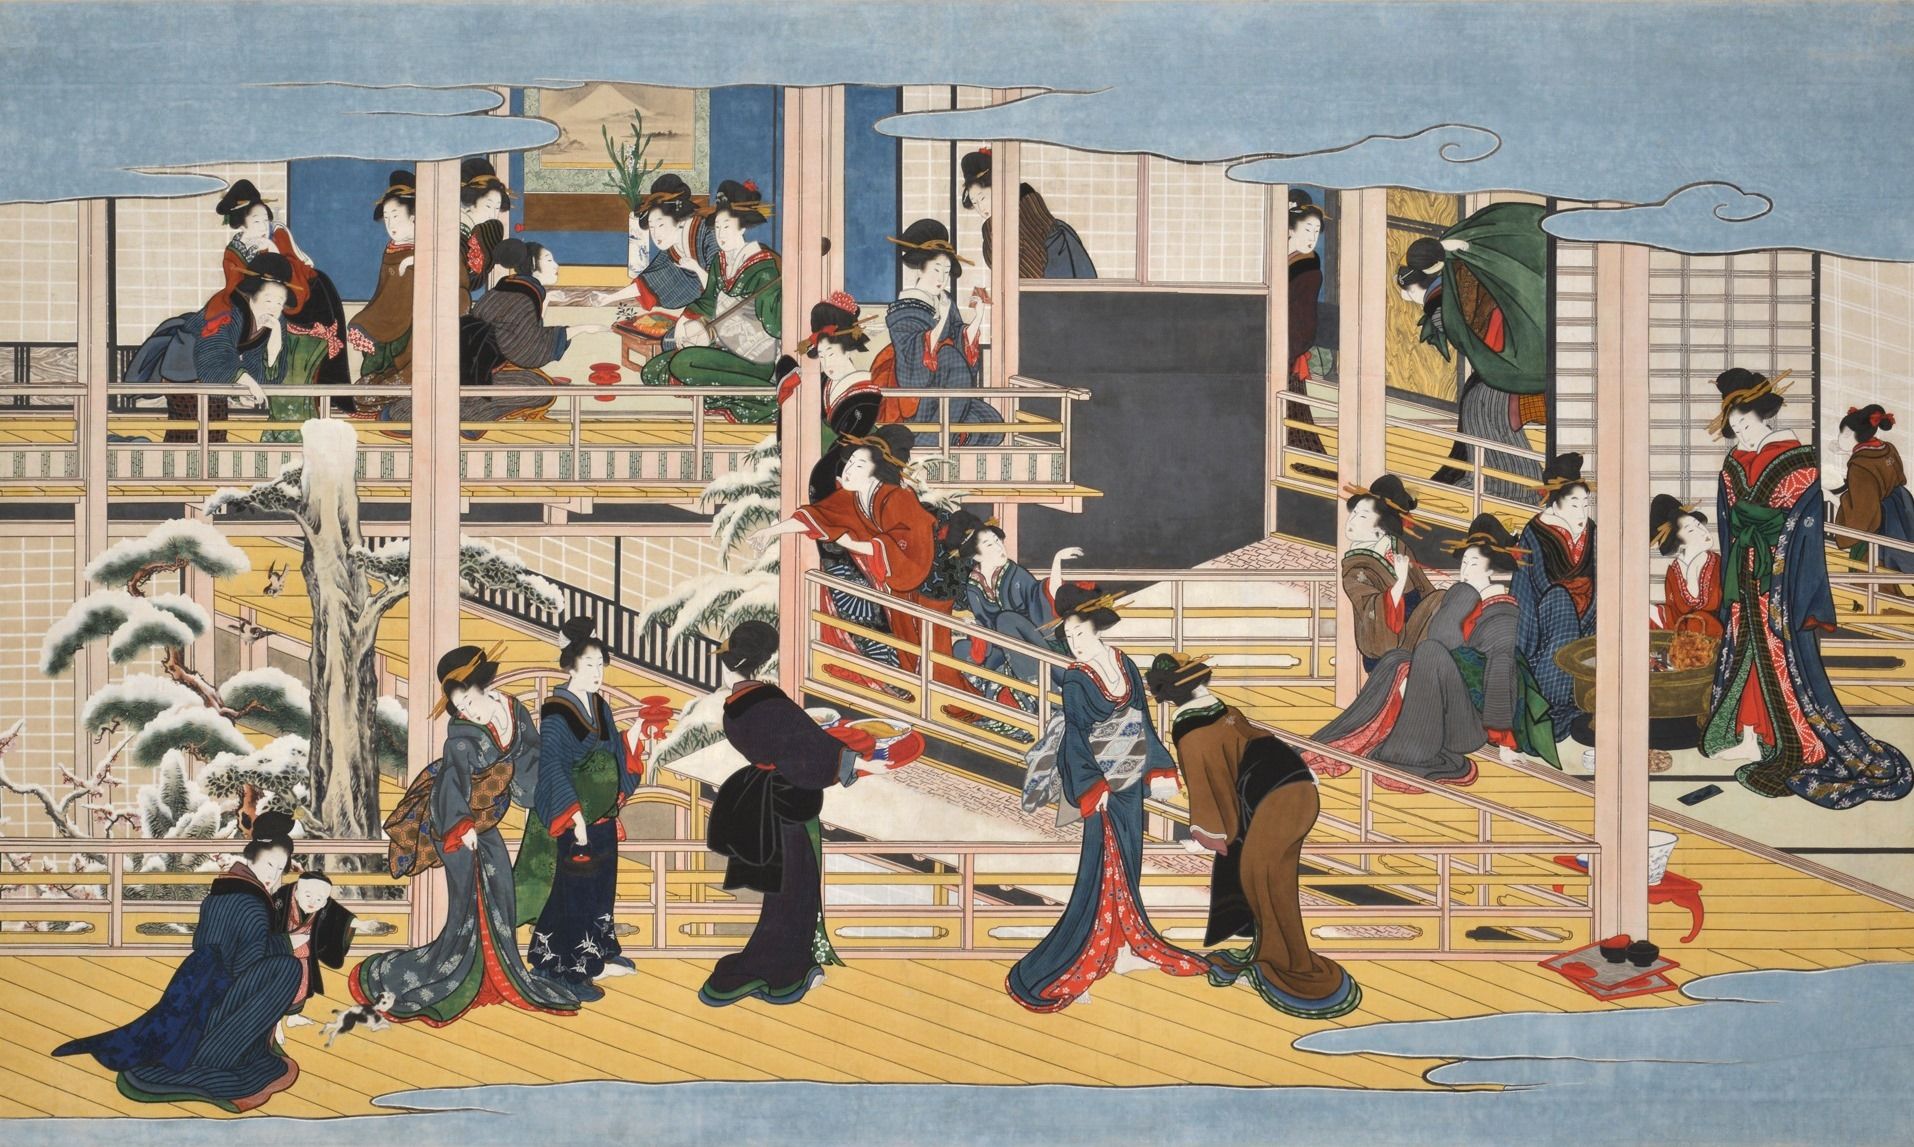 喜多川歌麿「深川の雪」(部分) 享和2~文化3年(1802~06)頃 岡田美術館蔵